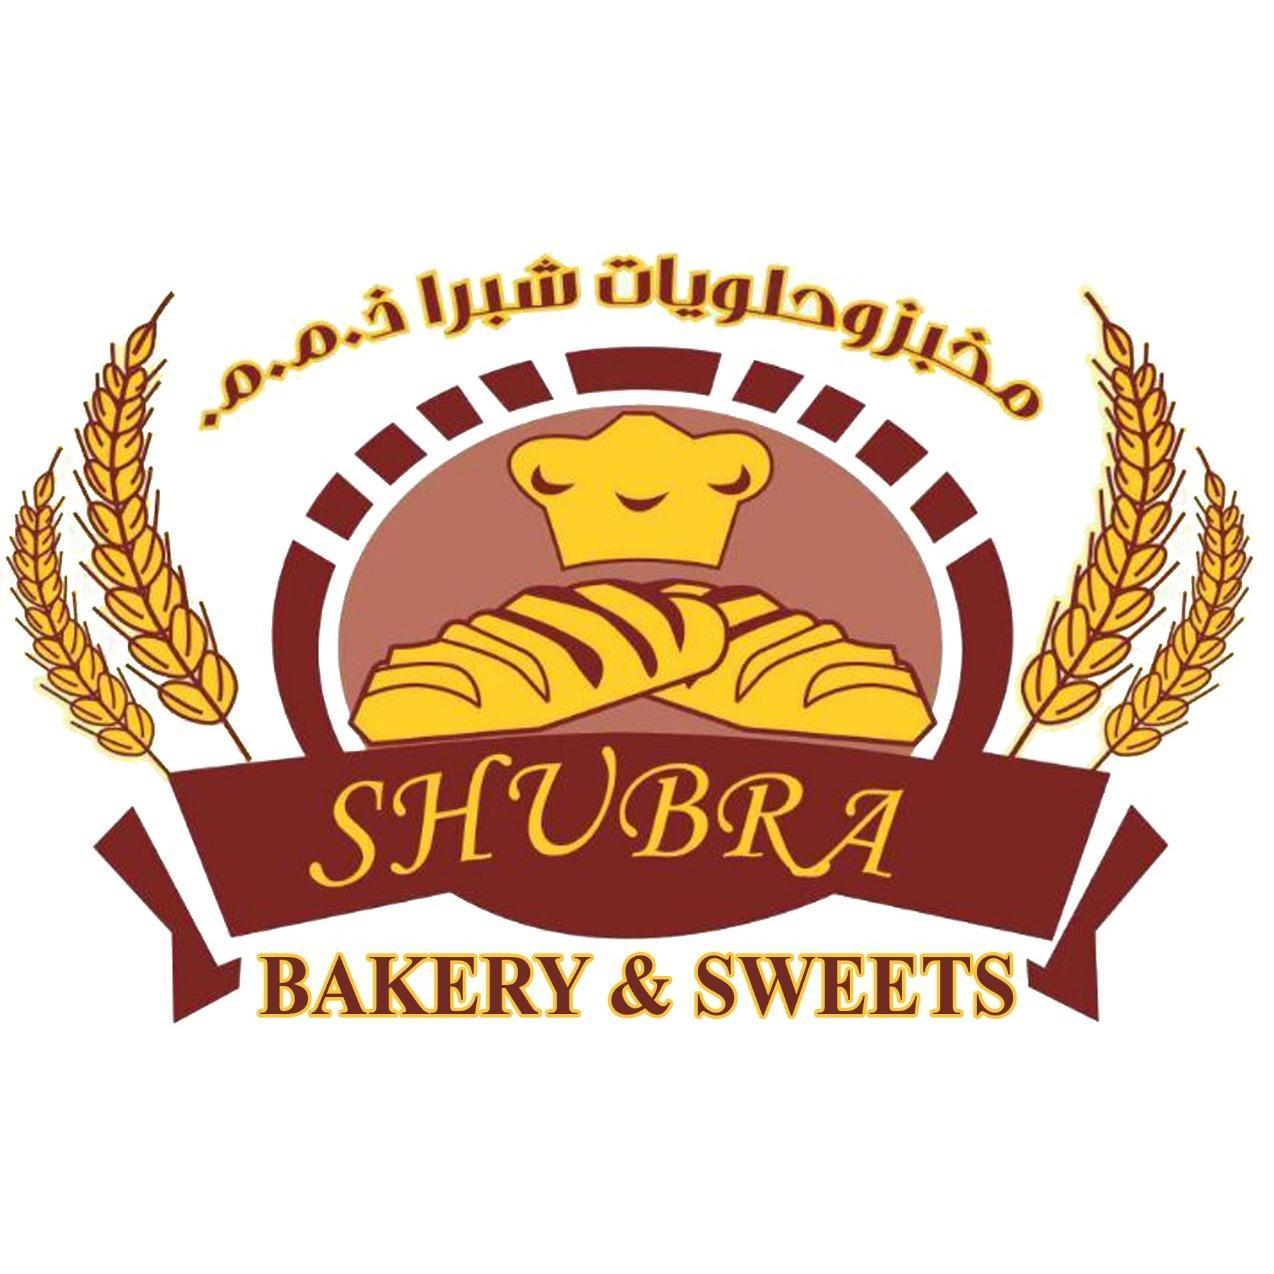 Shubra Sweets & Bakery